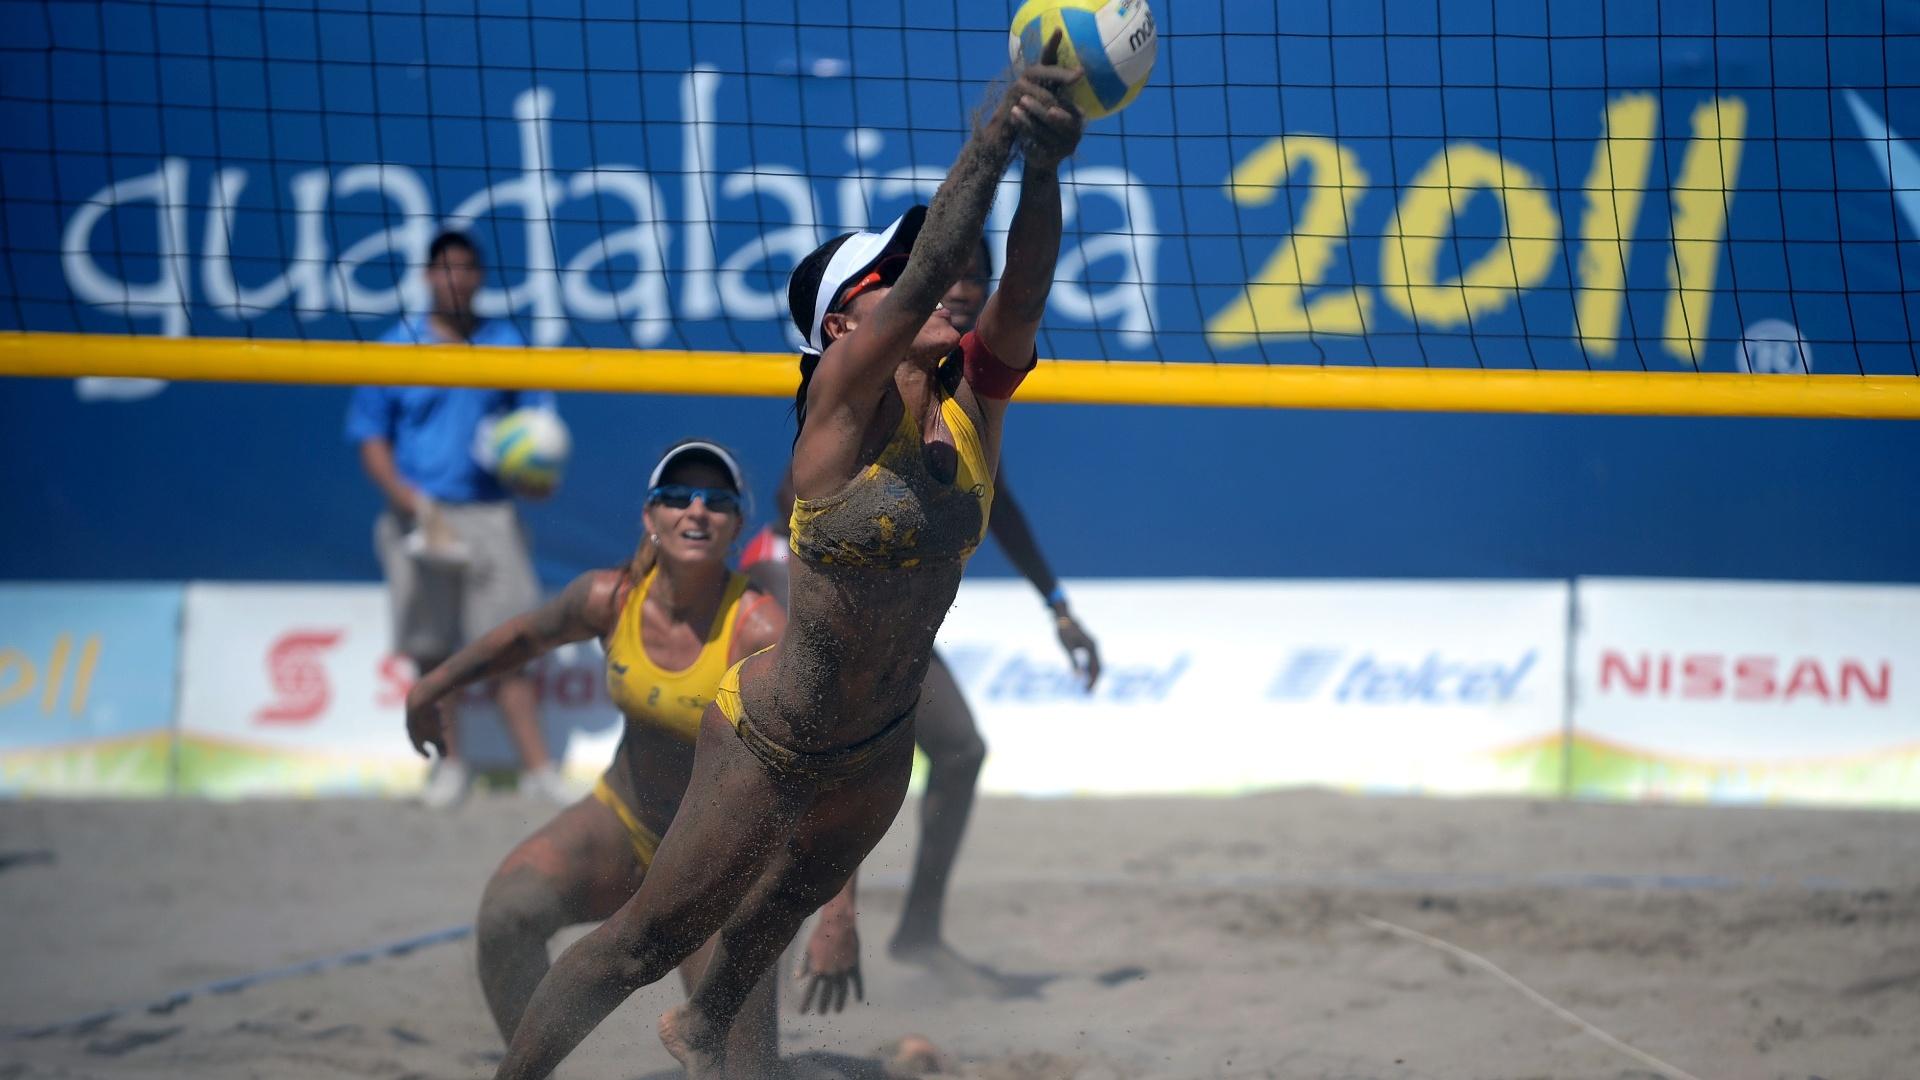 Observada pela parceira Larissa, Juliana tenta defender ataque cubano na terceira vitória da dupla brasileira no Pan (18/10/2011)